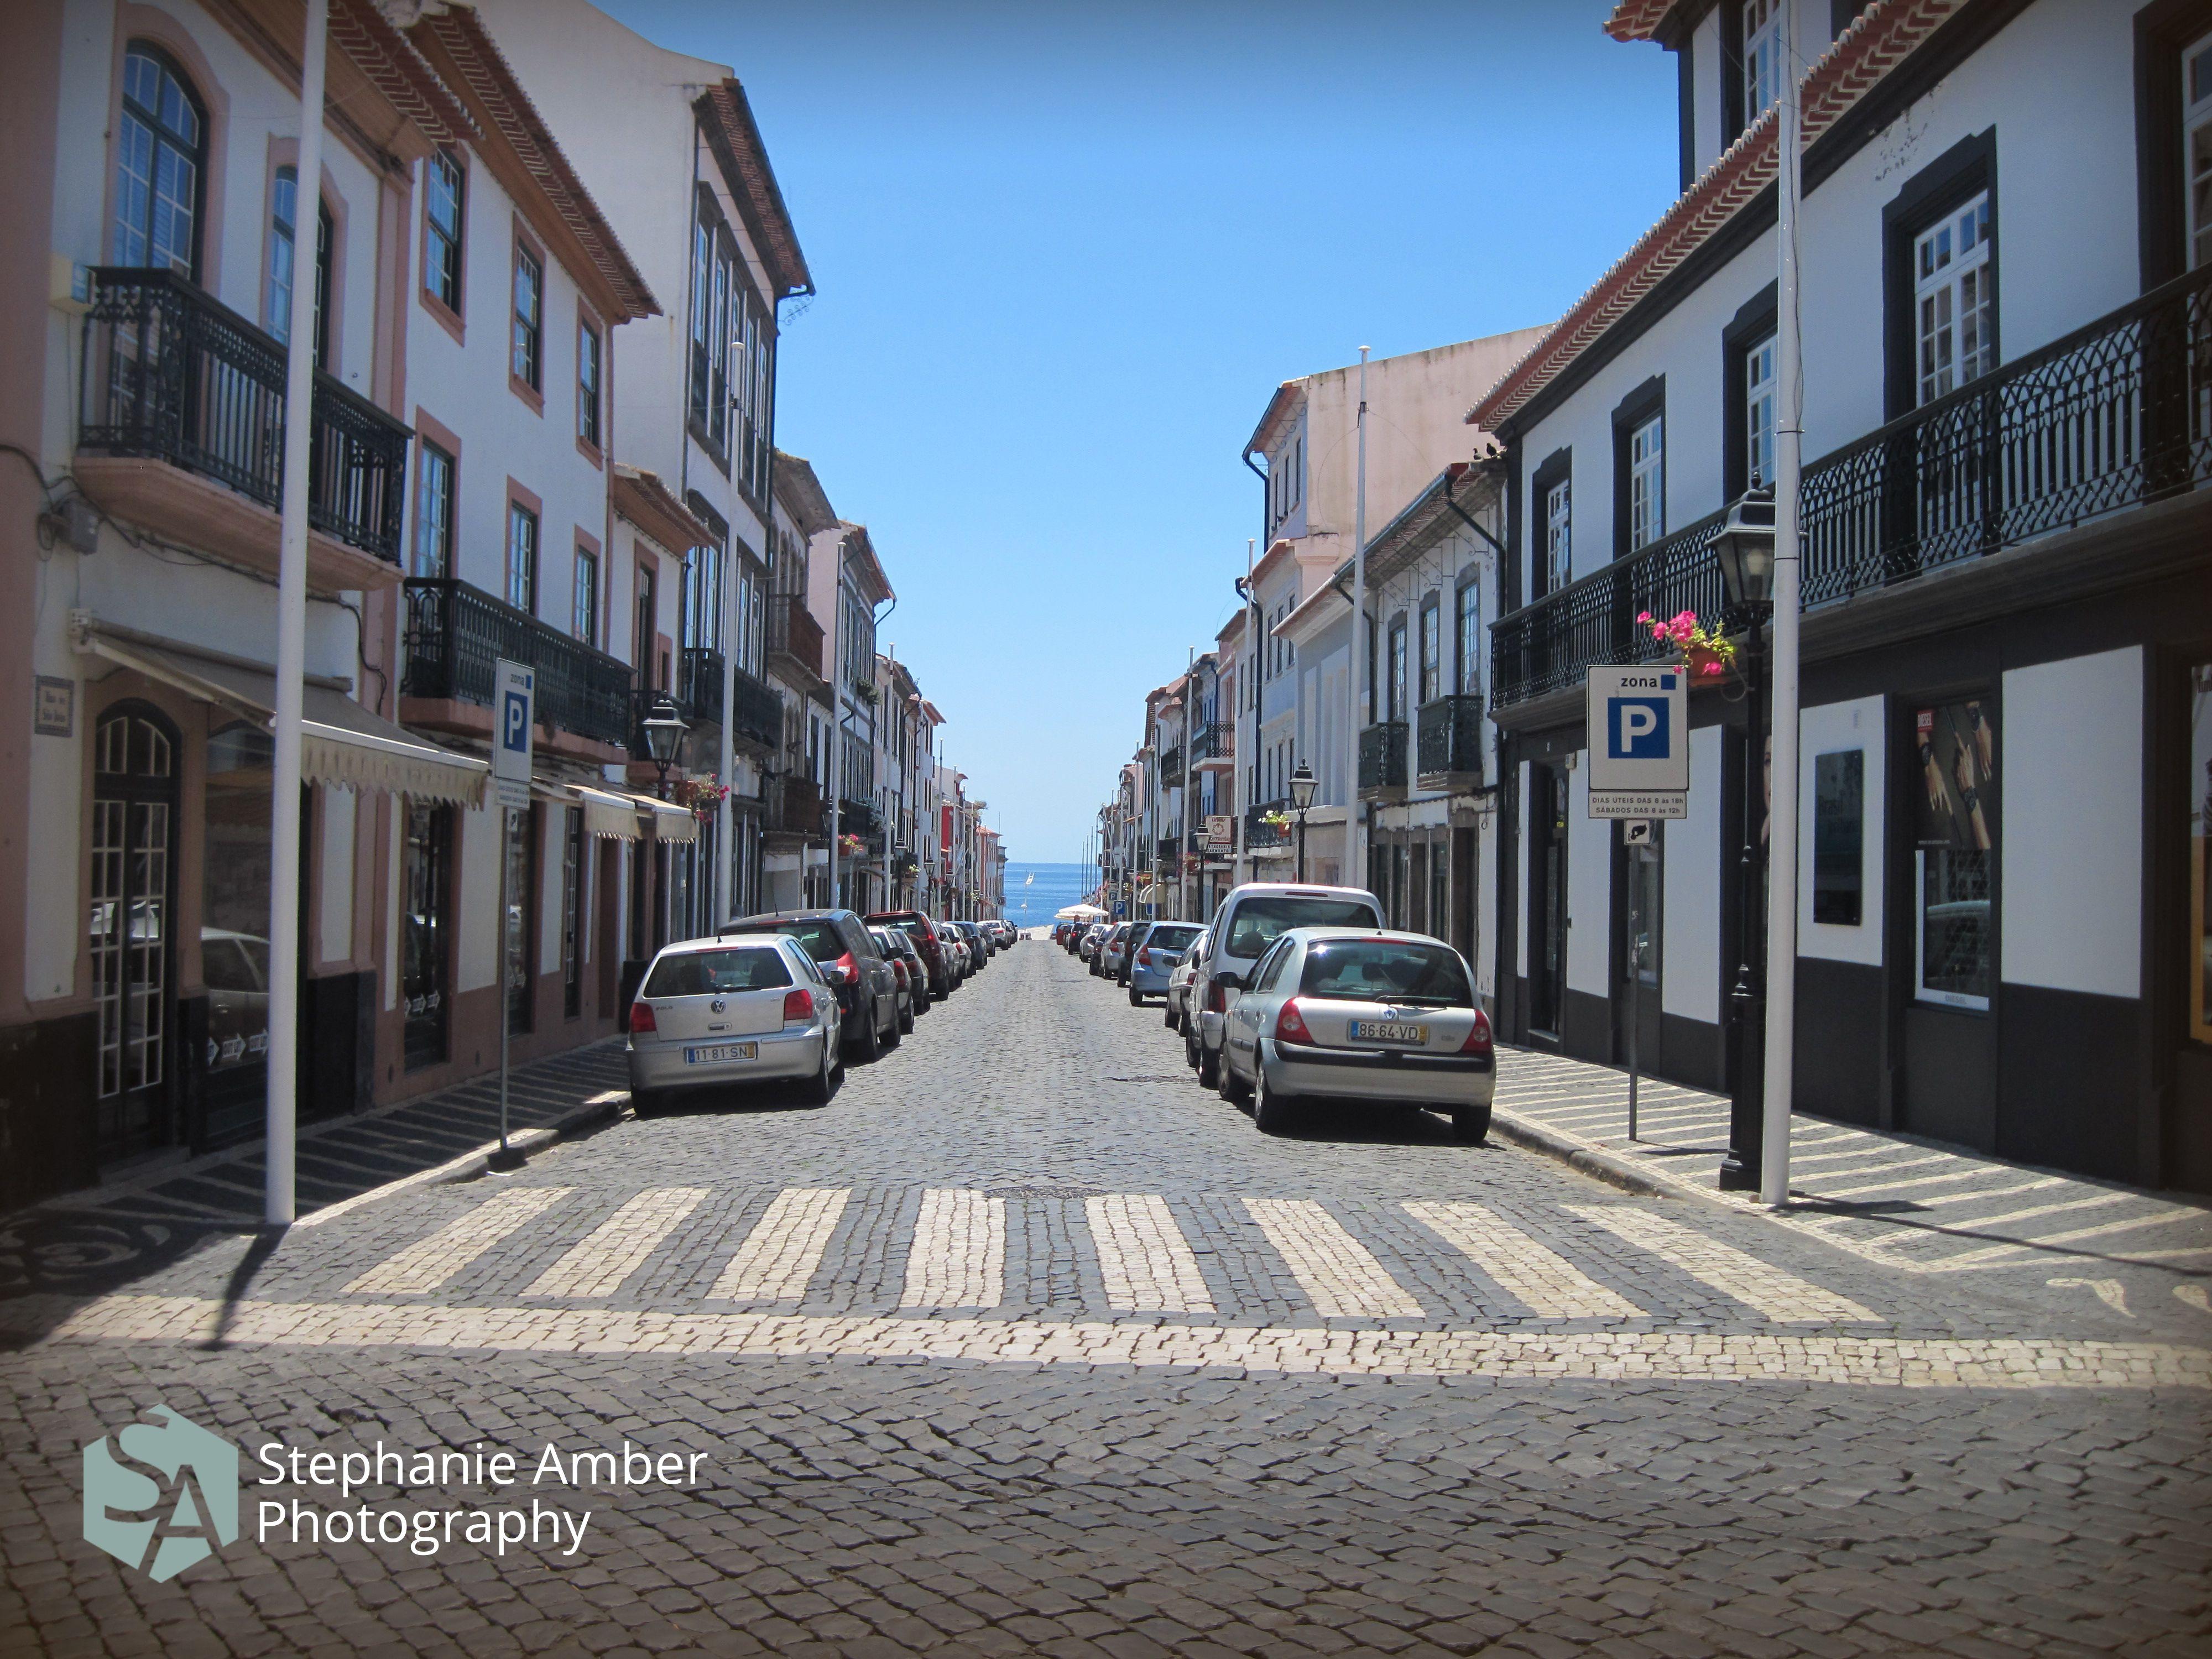 Stephanie Amber Portfolio: Photography Blog #portugal #europe #angra #terceira #azores #acores #streetphotography